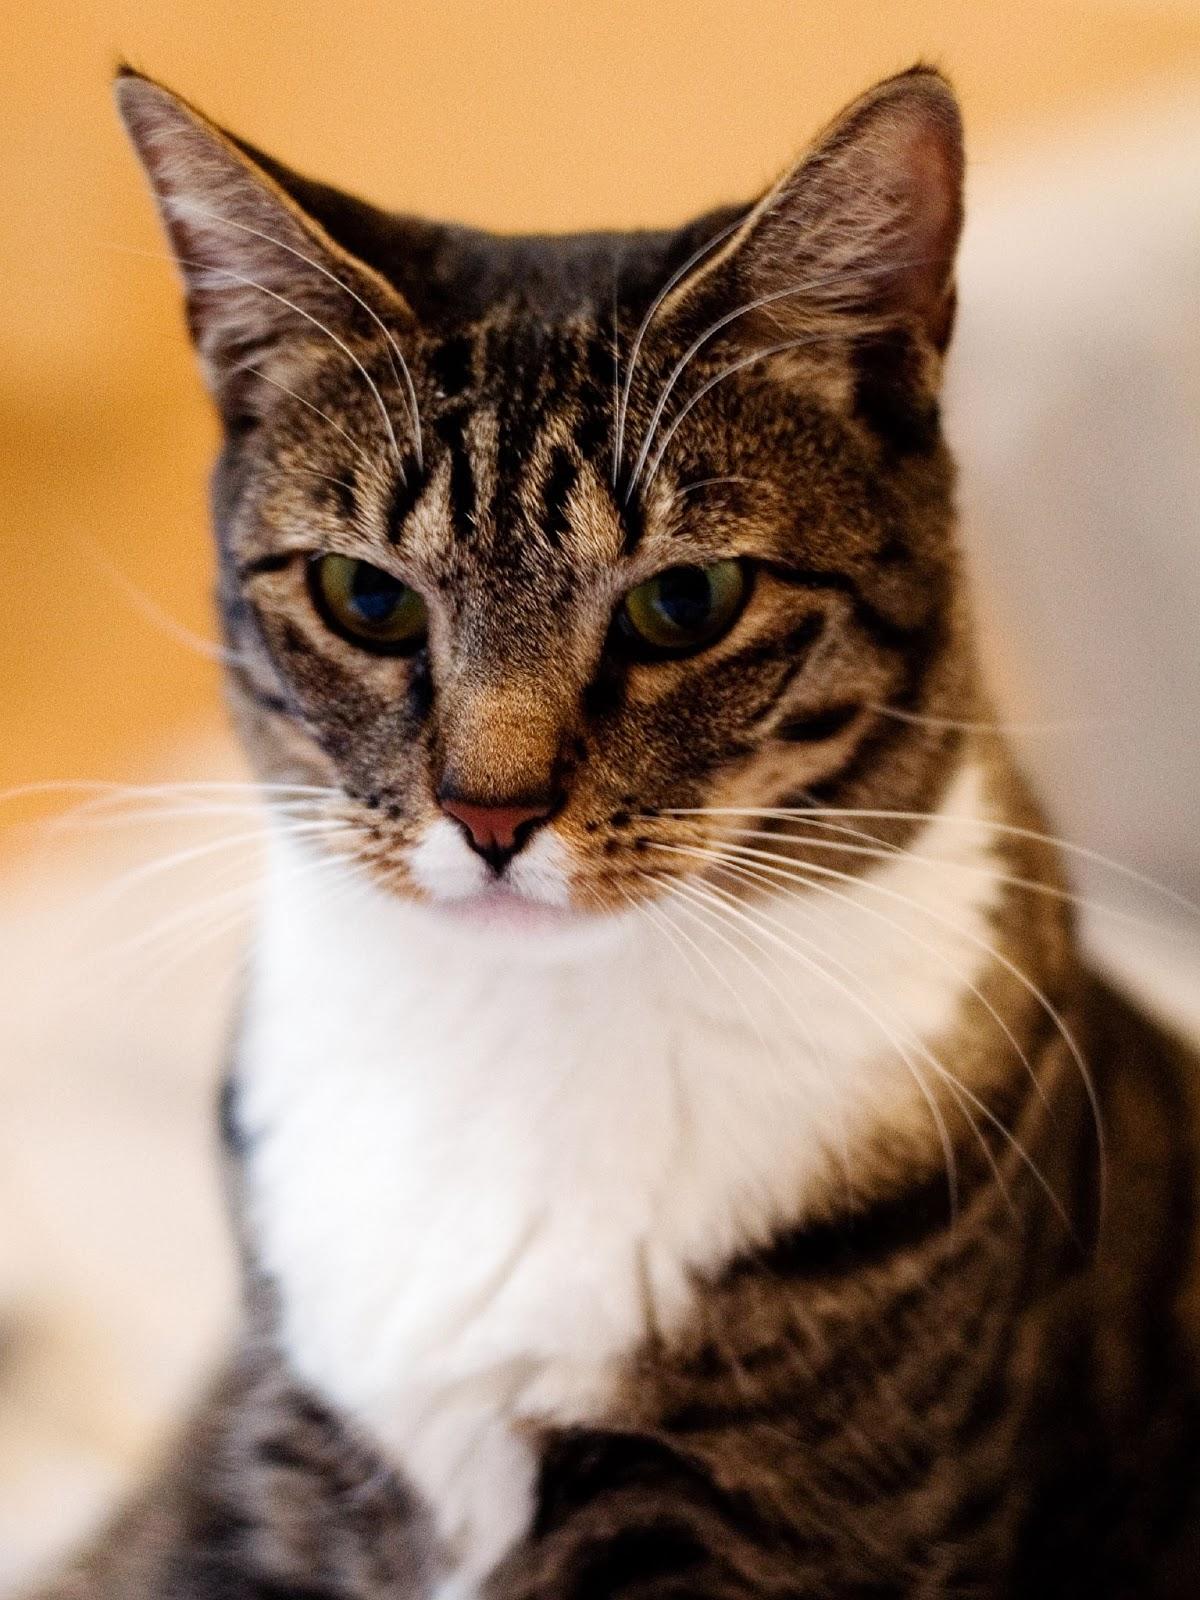 İngiliz kedisinin (gövde) çiftleşmesi